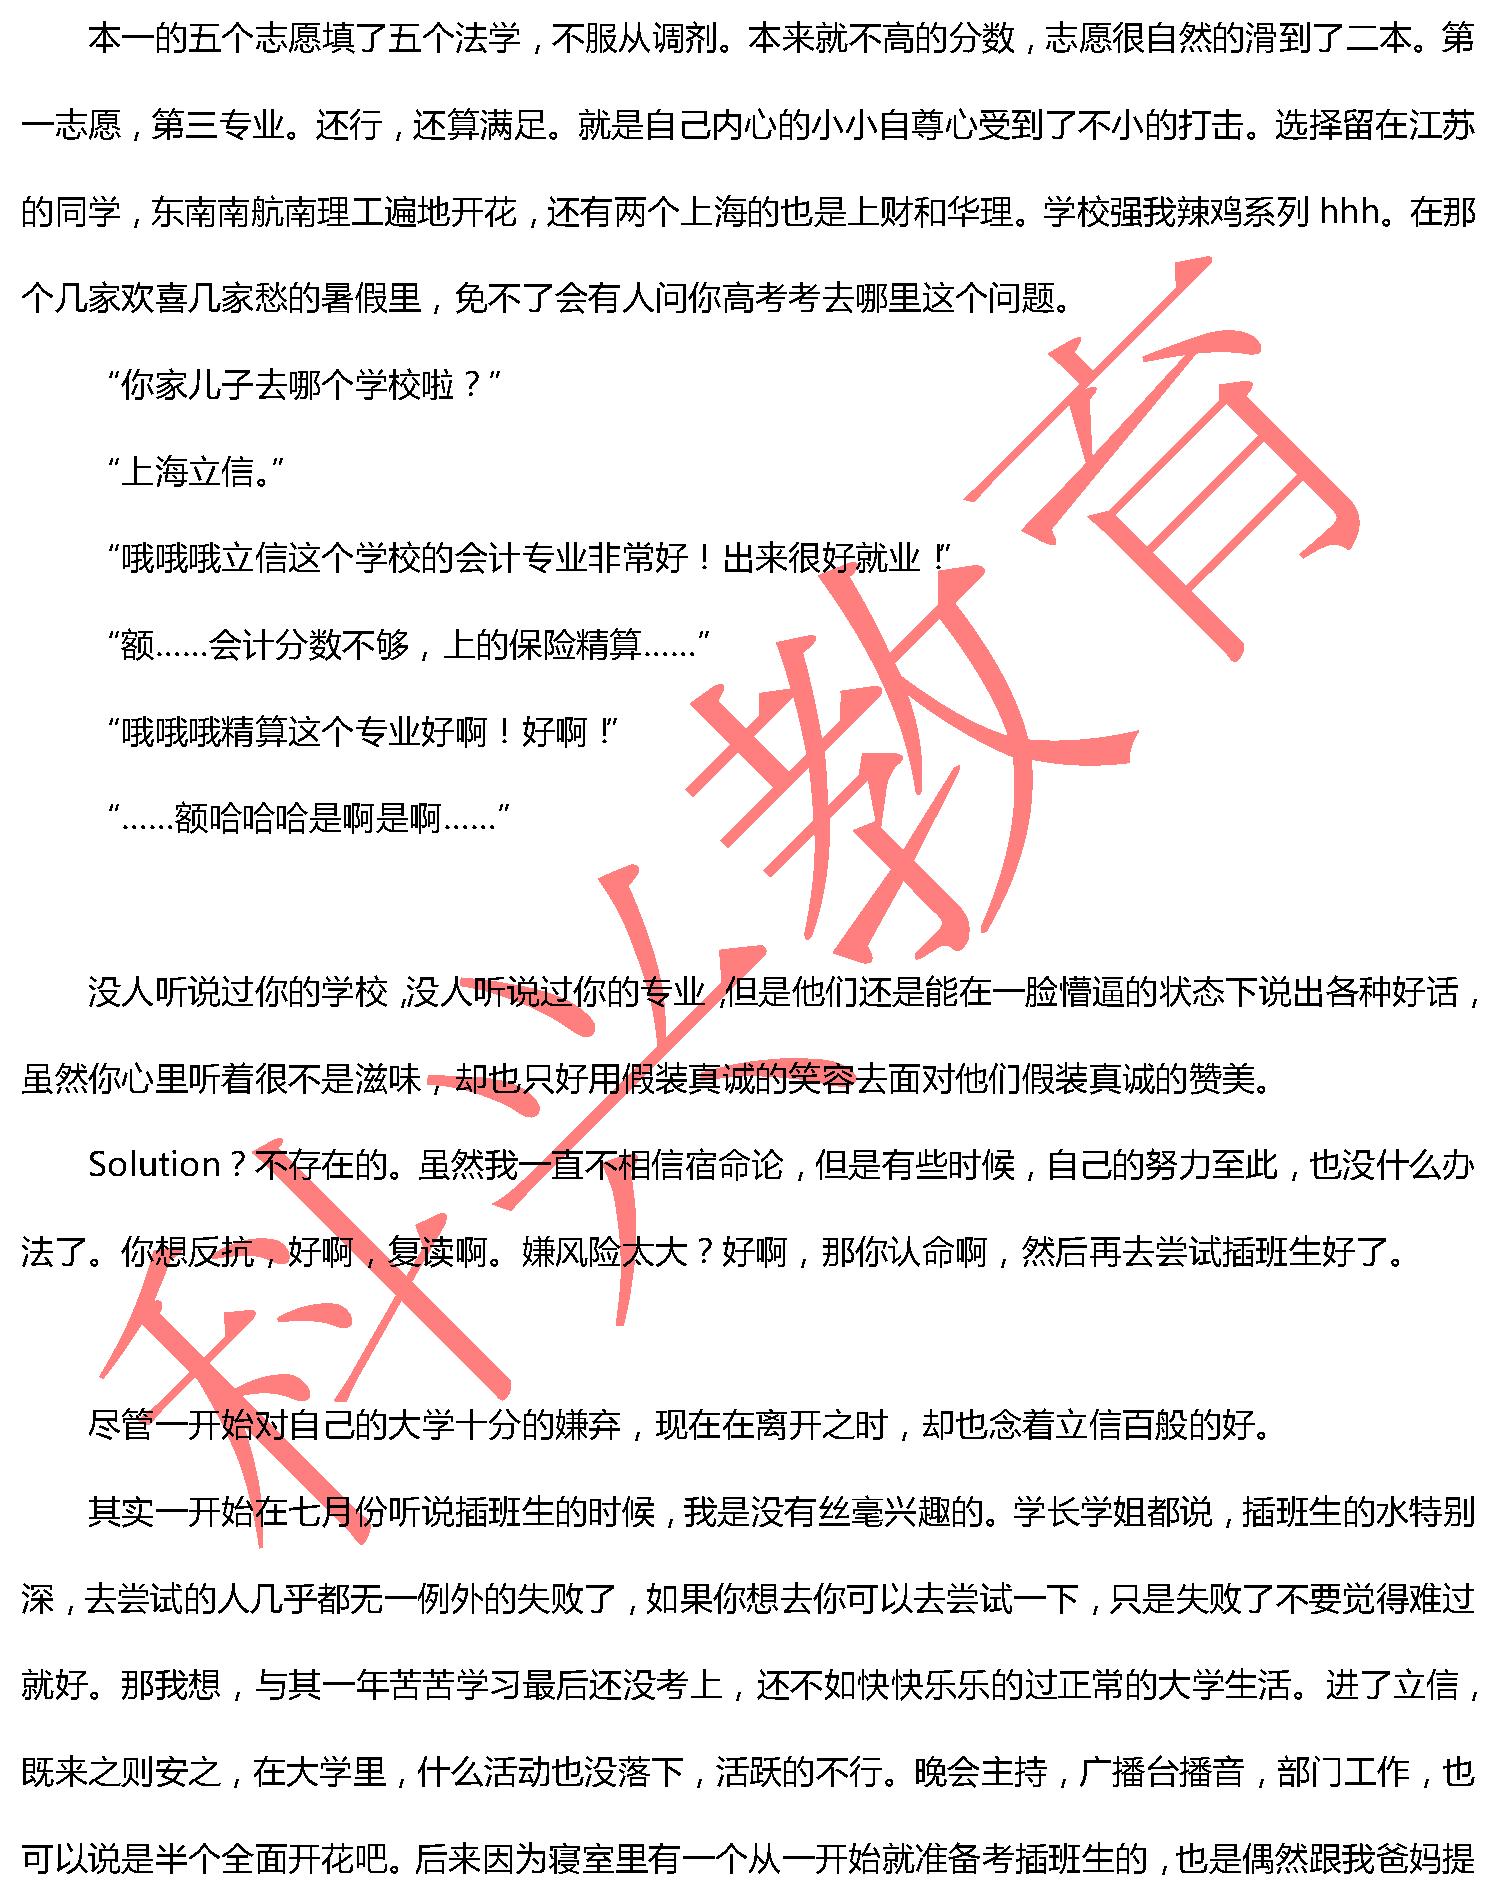 华政张弛:一篇剧毒的文章(17届)